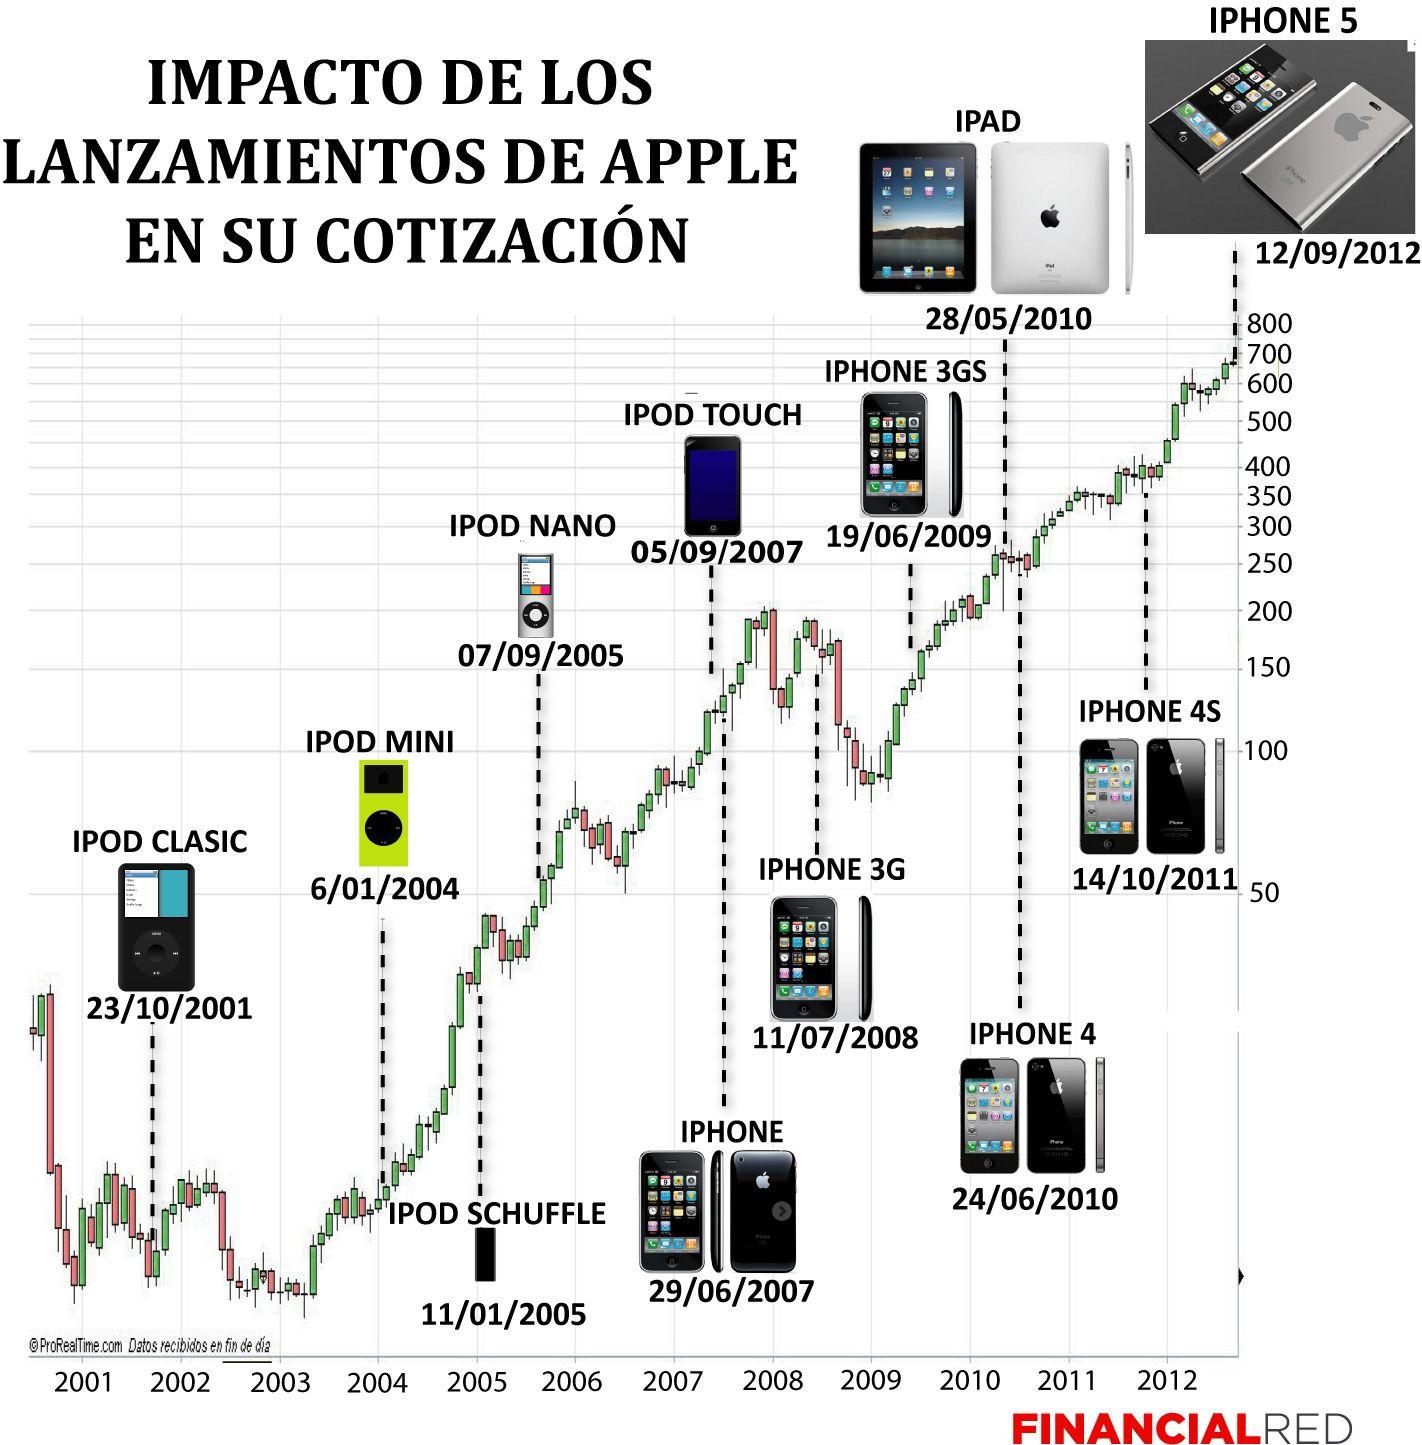 Impacto De Los Lanzamientos De Apple En Su Cotizacion